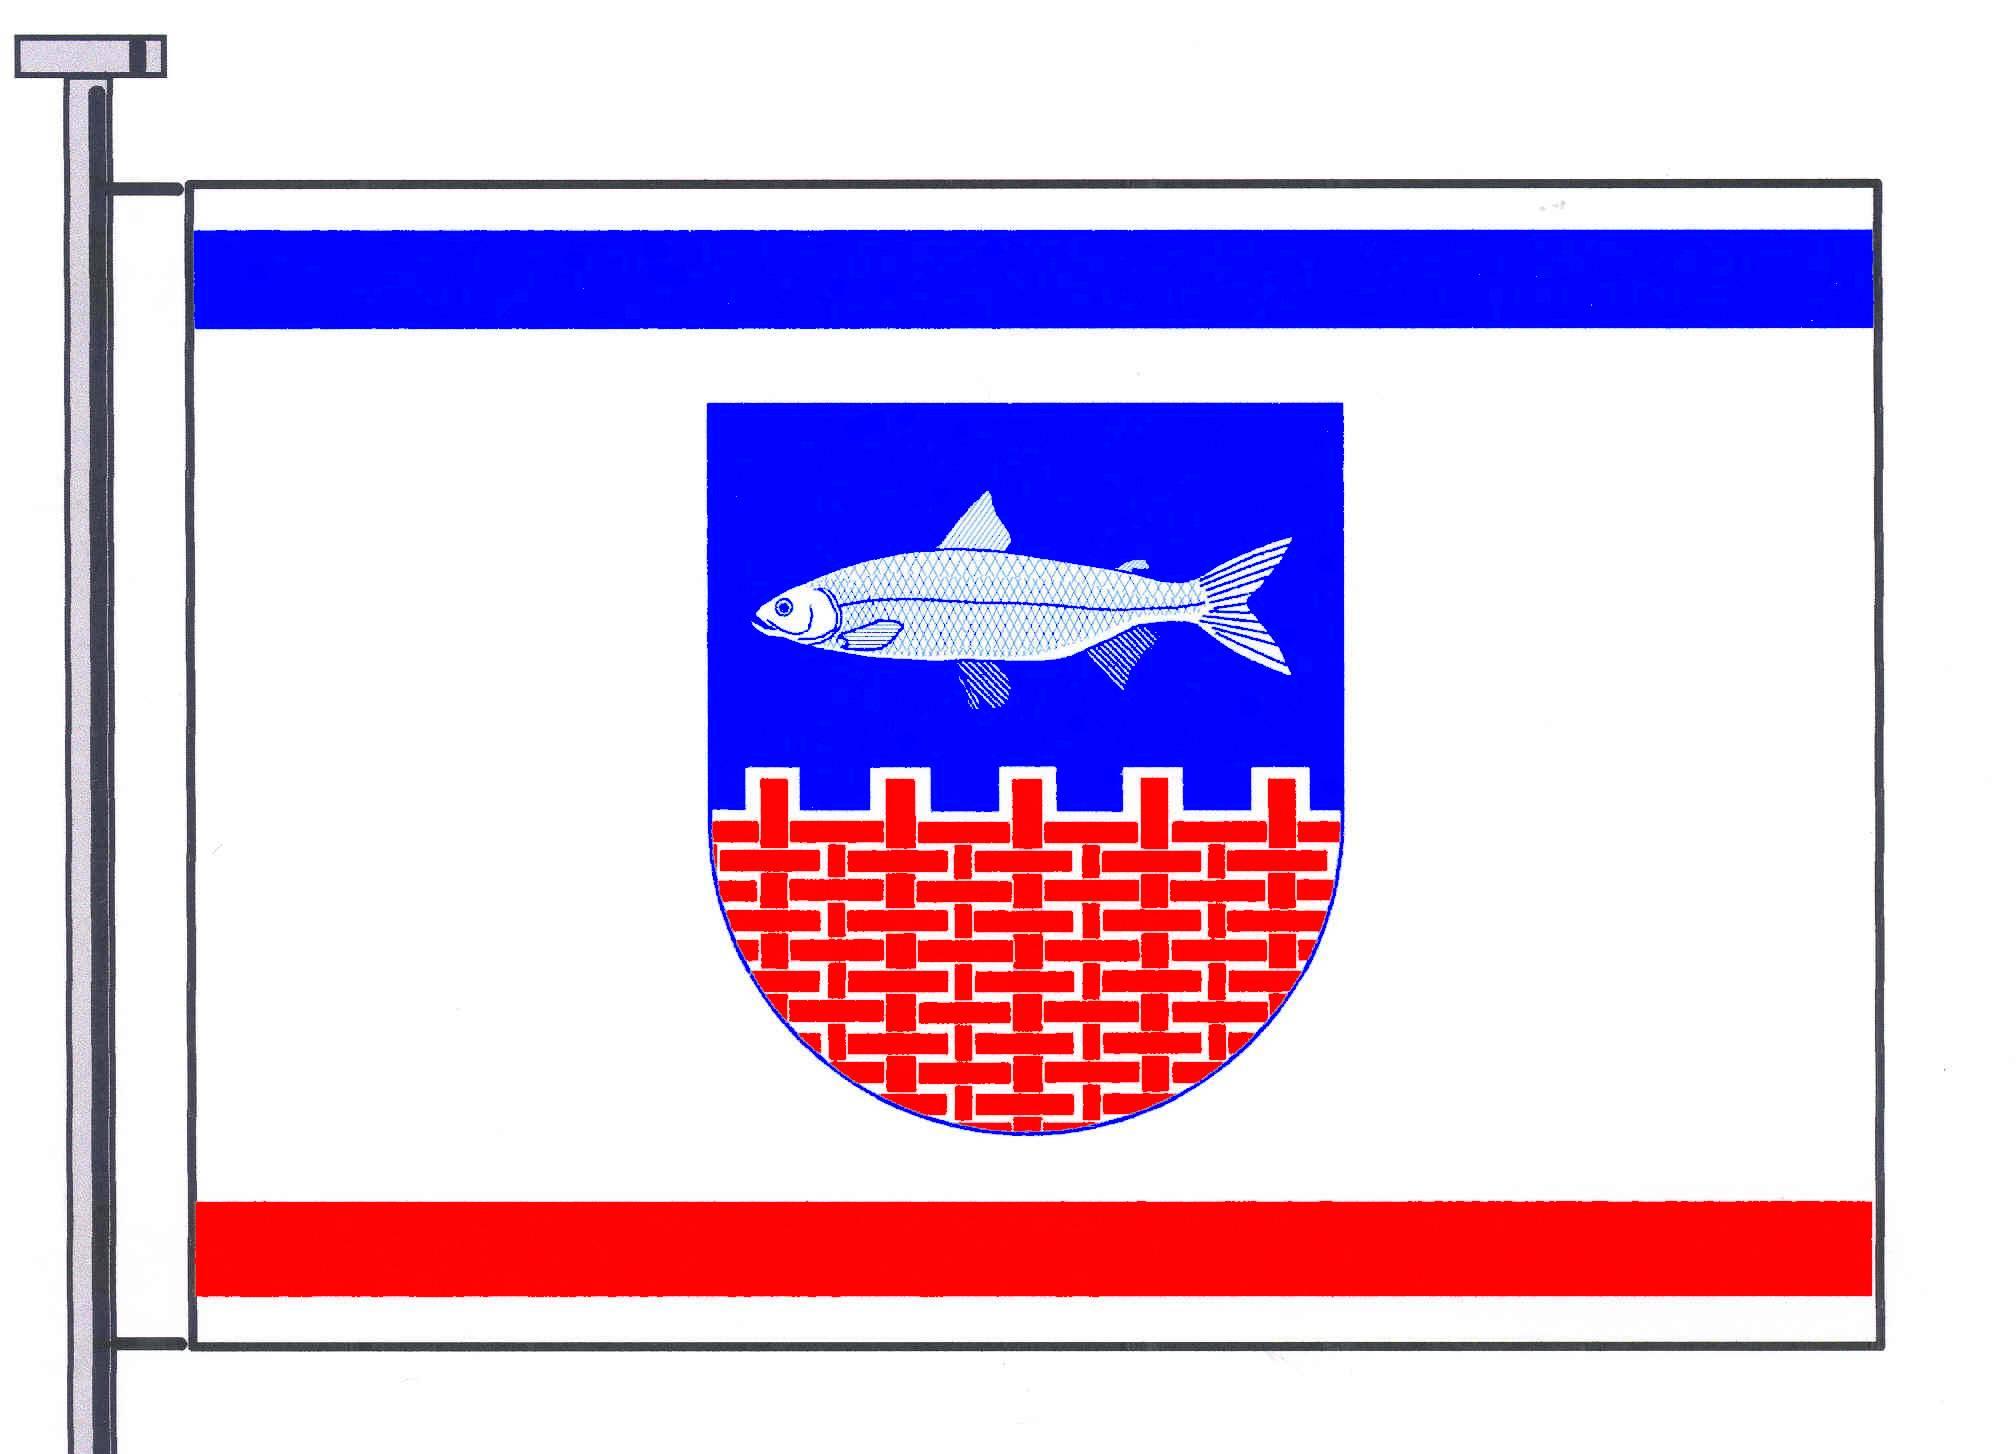 Flagge GemeindeLammershagen, Kreis Plön